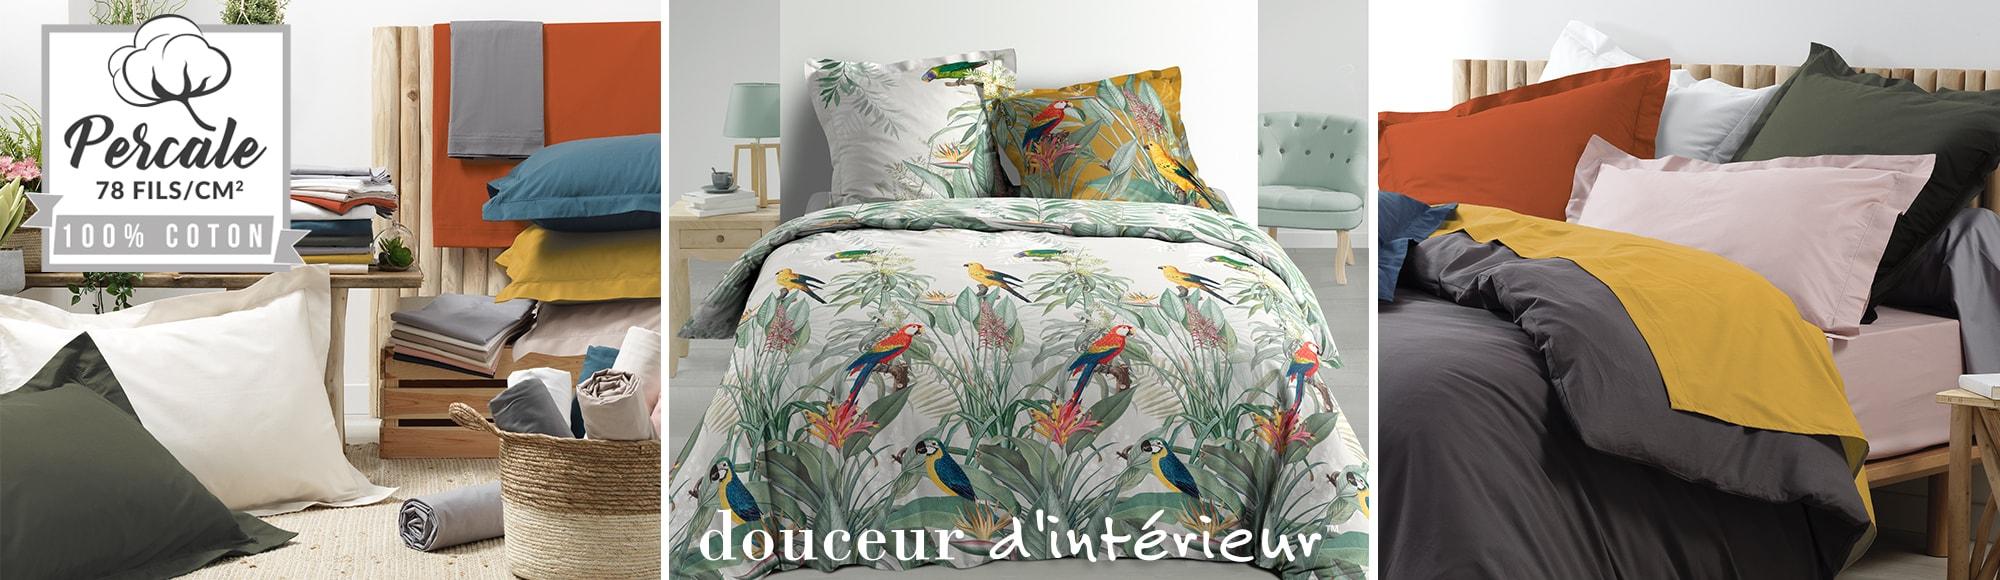 U10 - Fournisseur en décoration d'intérieur - marque douceur d'intérieur - linge de lit - percale